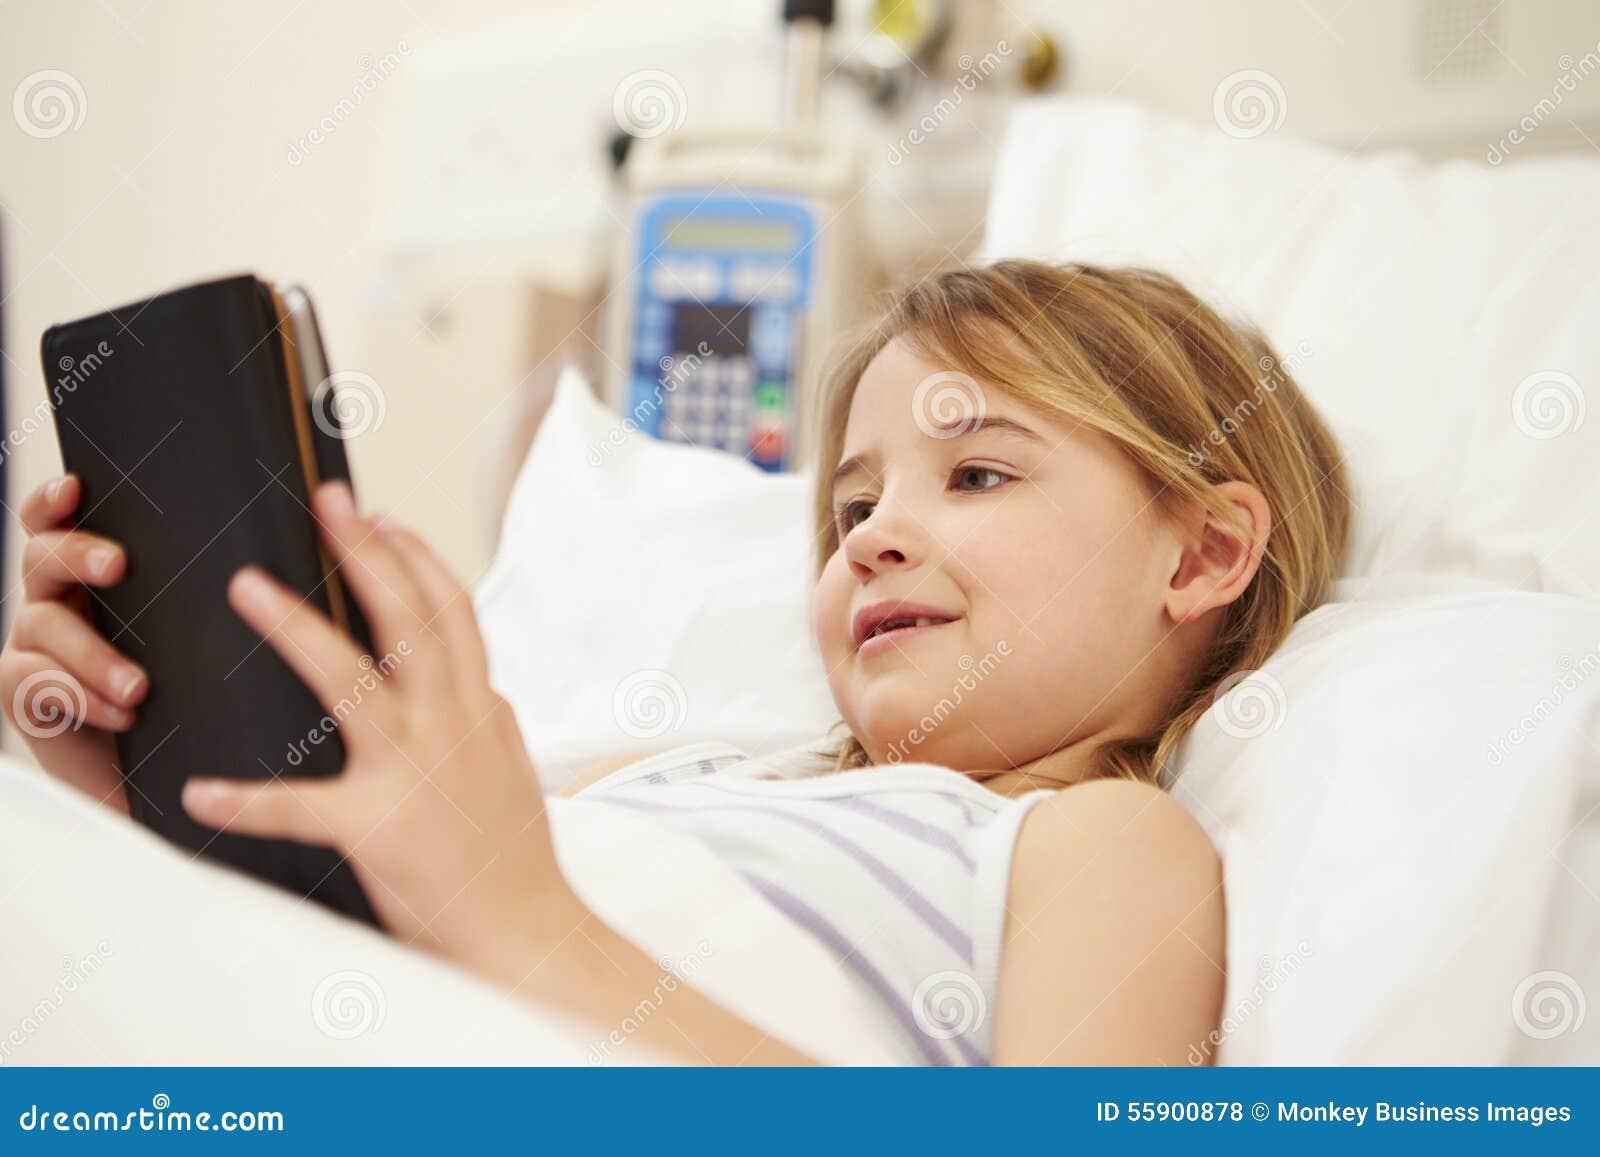 使用数字式片剂的年轻女性患者在医院病床